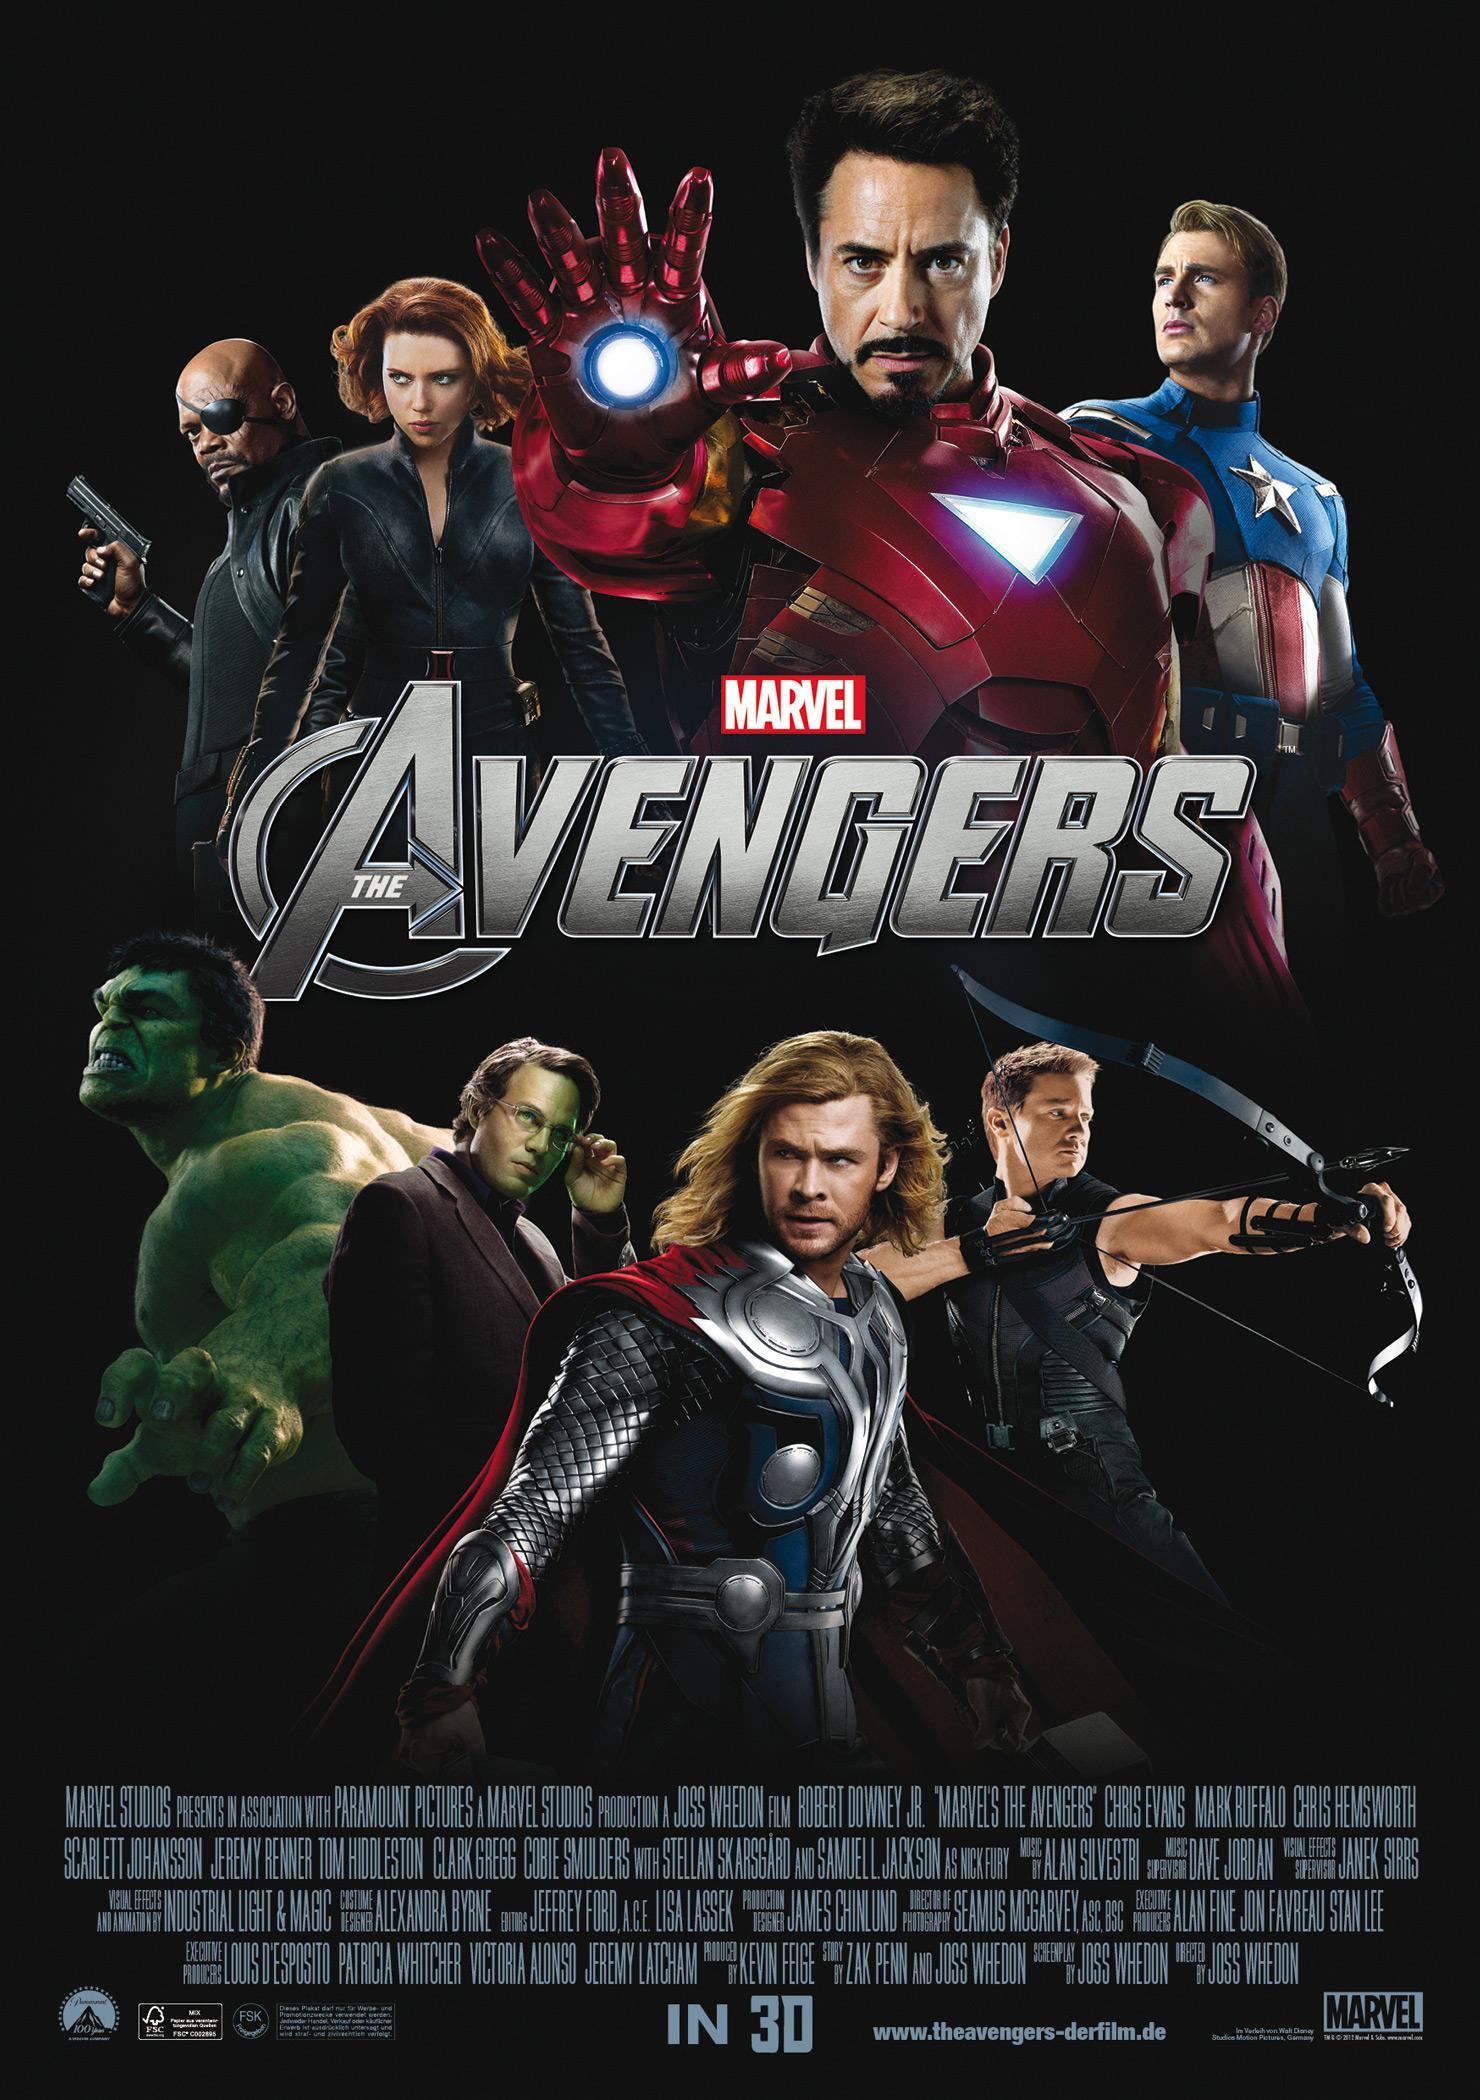 Marvel's The Avengers (Poster)